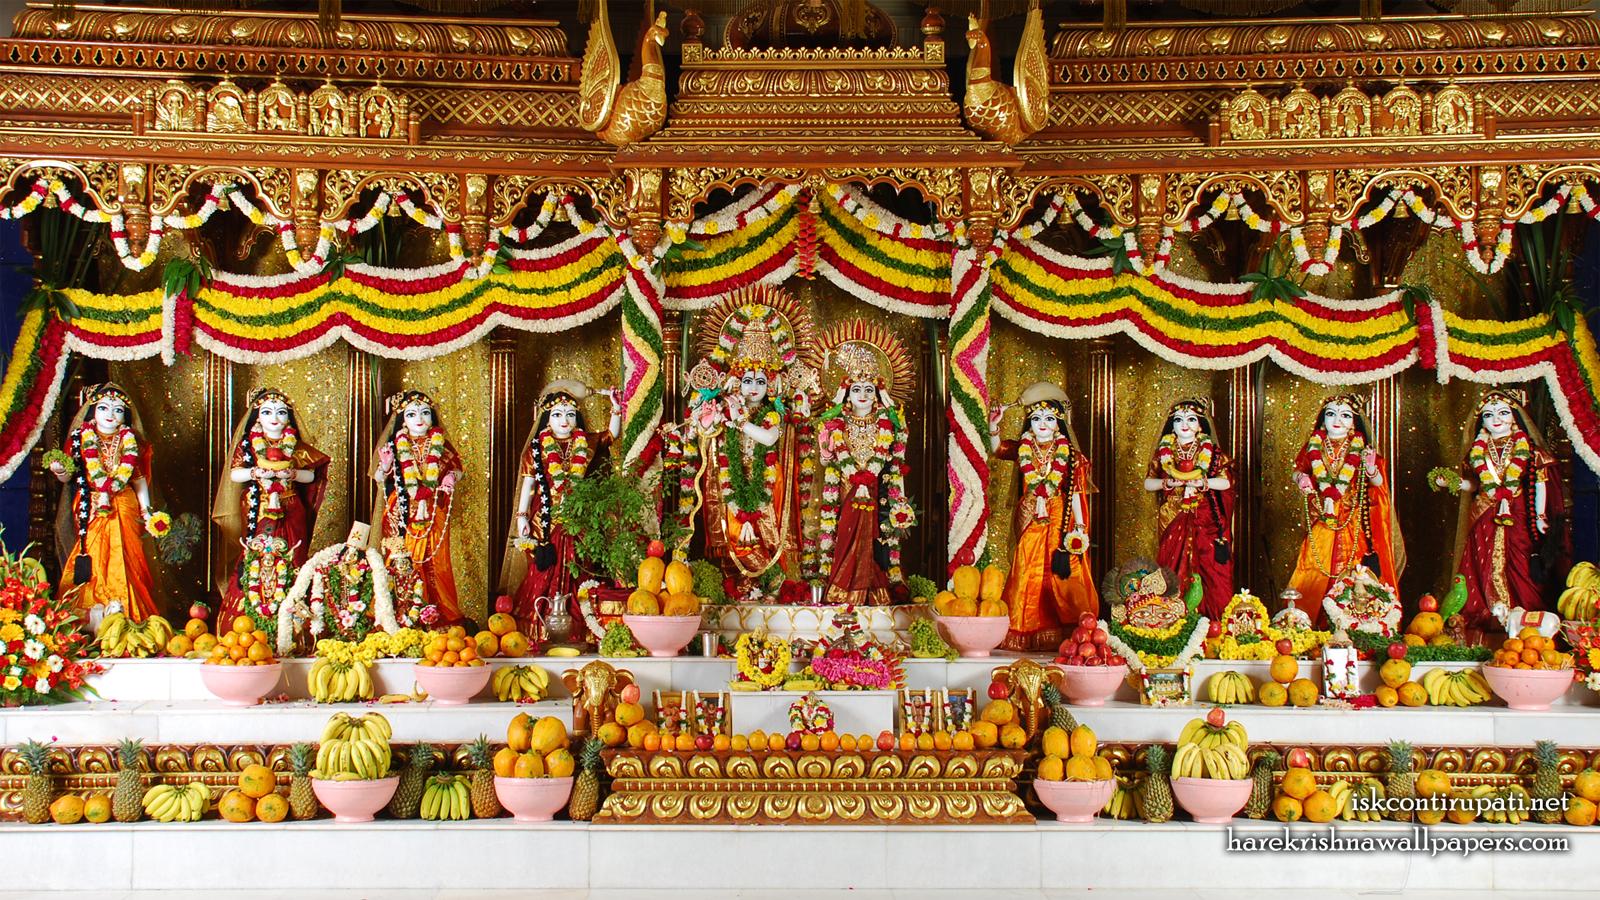 Sri Sri Radha Govinda with Ashtasakhi Wallpaper (005) Size 1600x900 Download